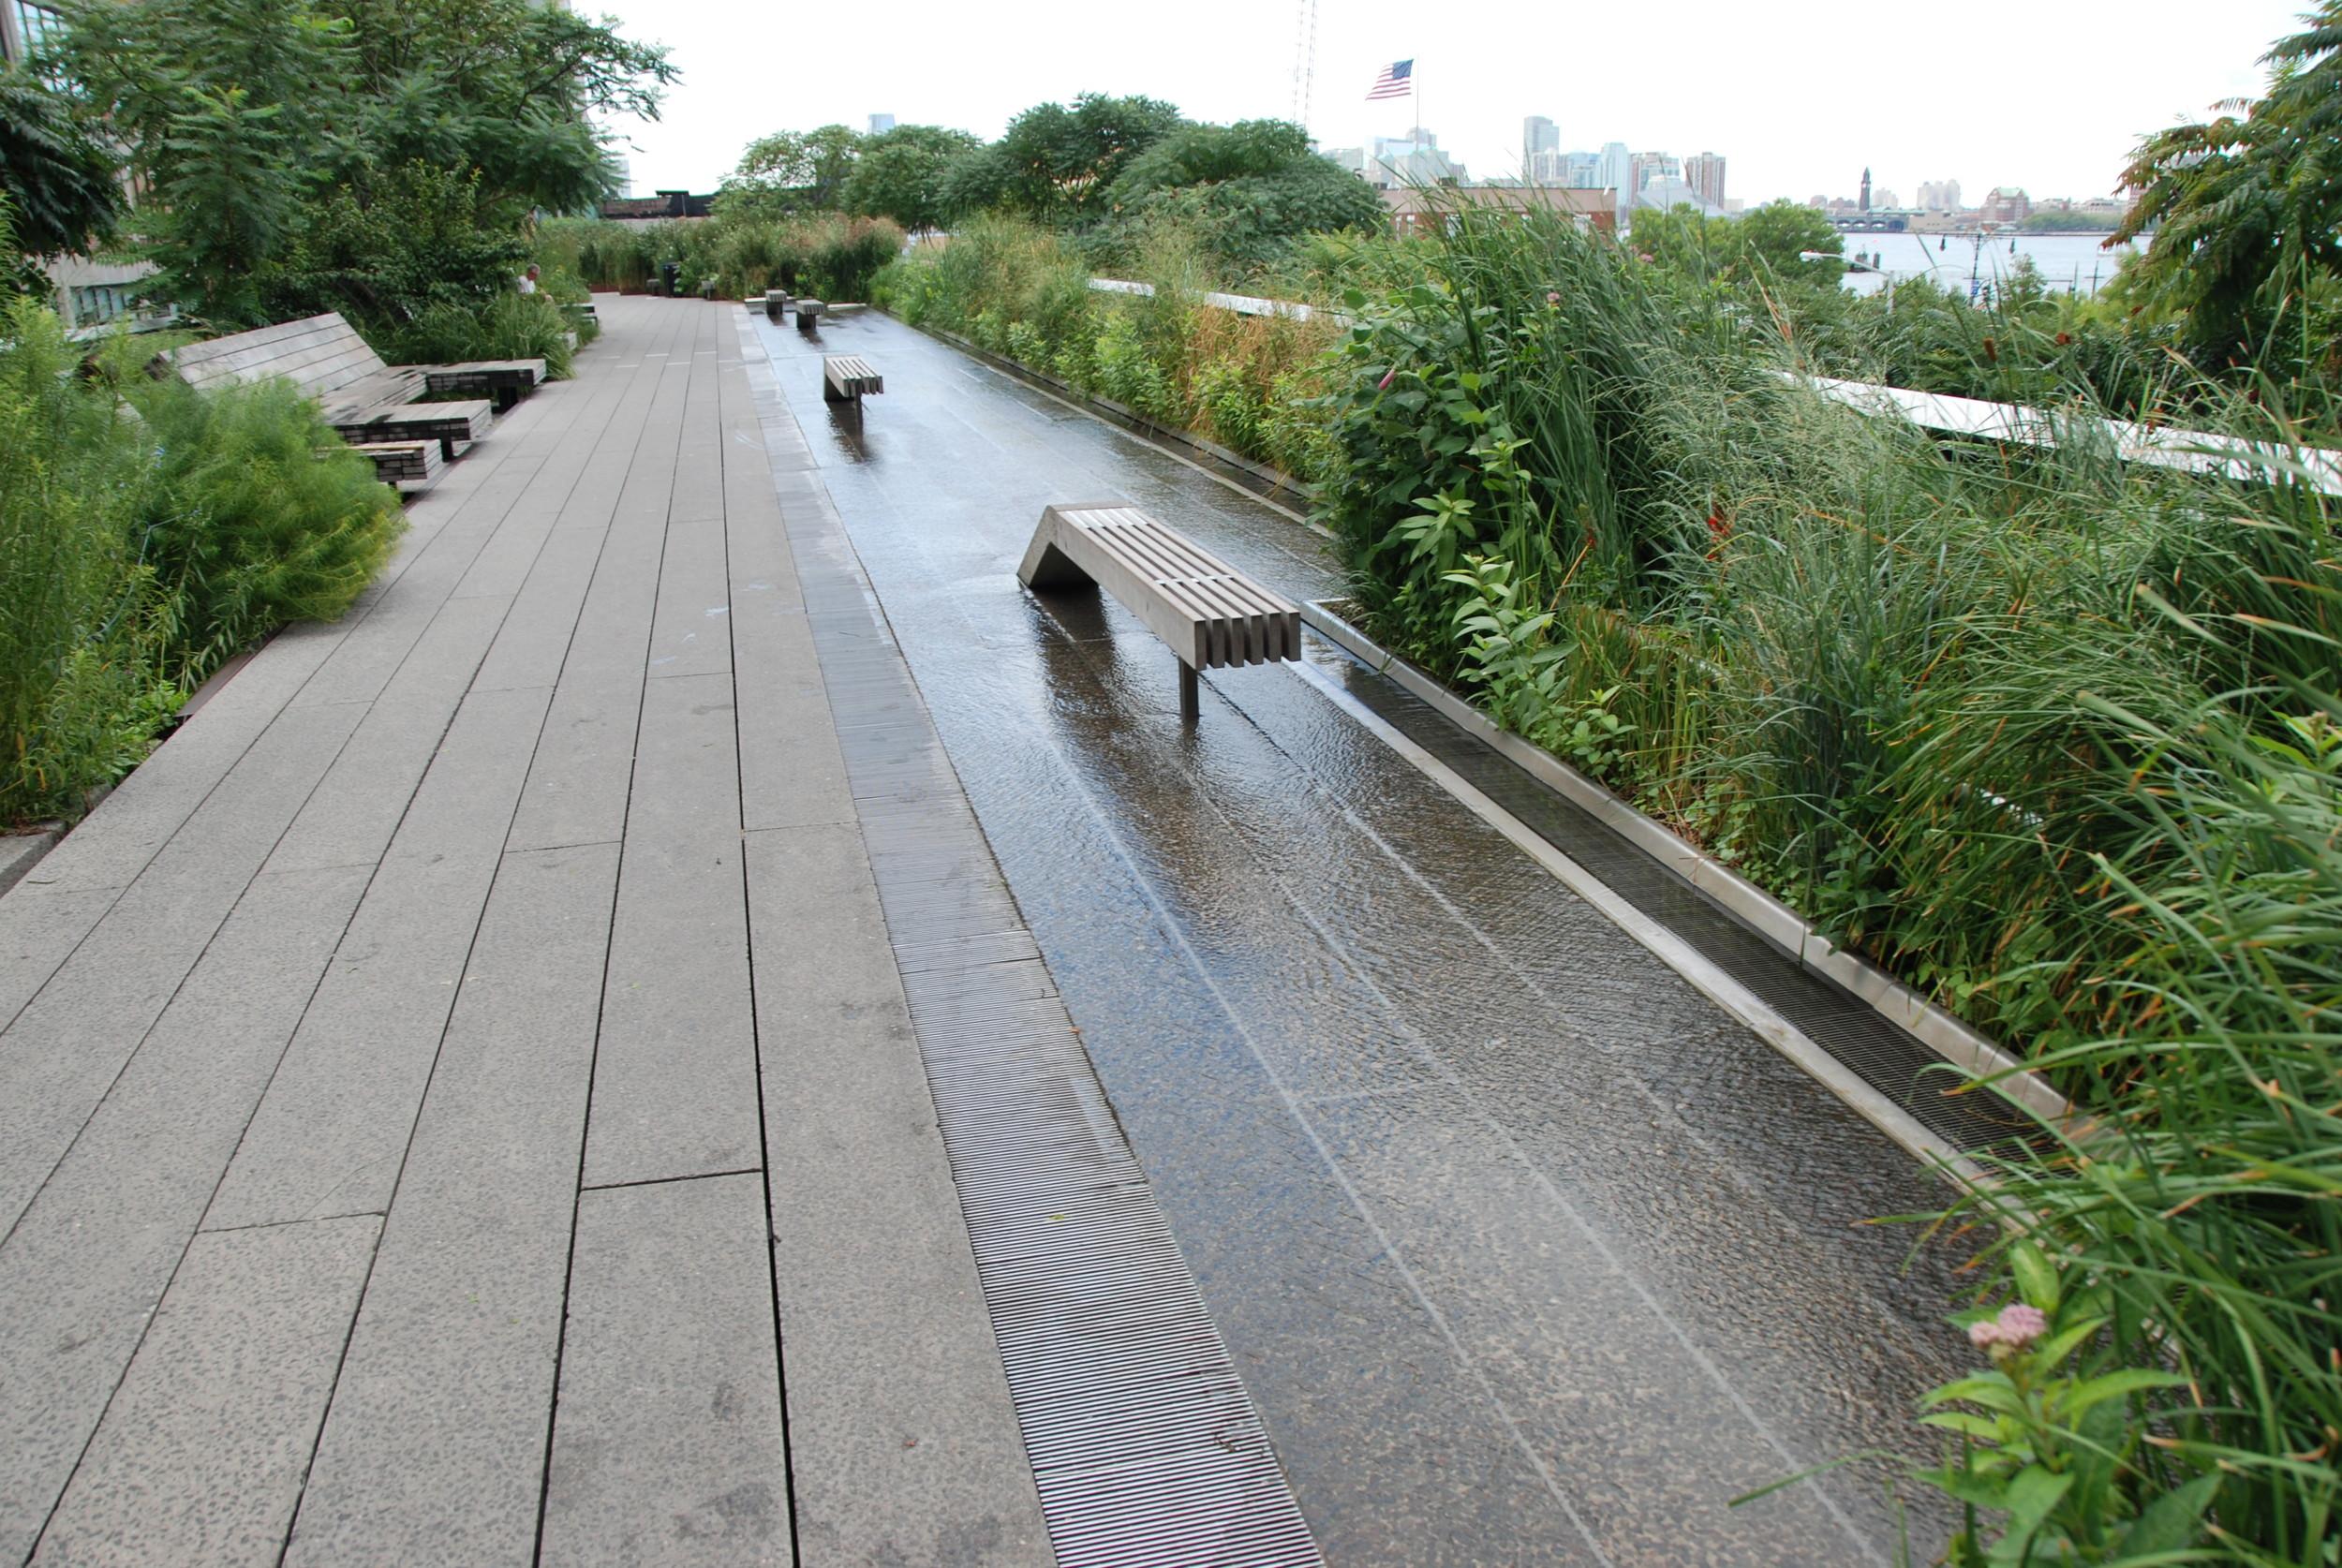 Tato část High Line patří mezi nejpopulárnější, a to nejen pro možnost procházky v tekoucí vodě. Jedná se o široký prostor (za zalení napravo se nachází další část High Line s další zelení) v blízkosti občerstvení, toalet a s možností využití lehátek (na levé straně fotografie), odkud můžete pozorovat řeku Hudson a New Jersey. (foto: Libor Hinčica)